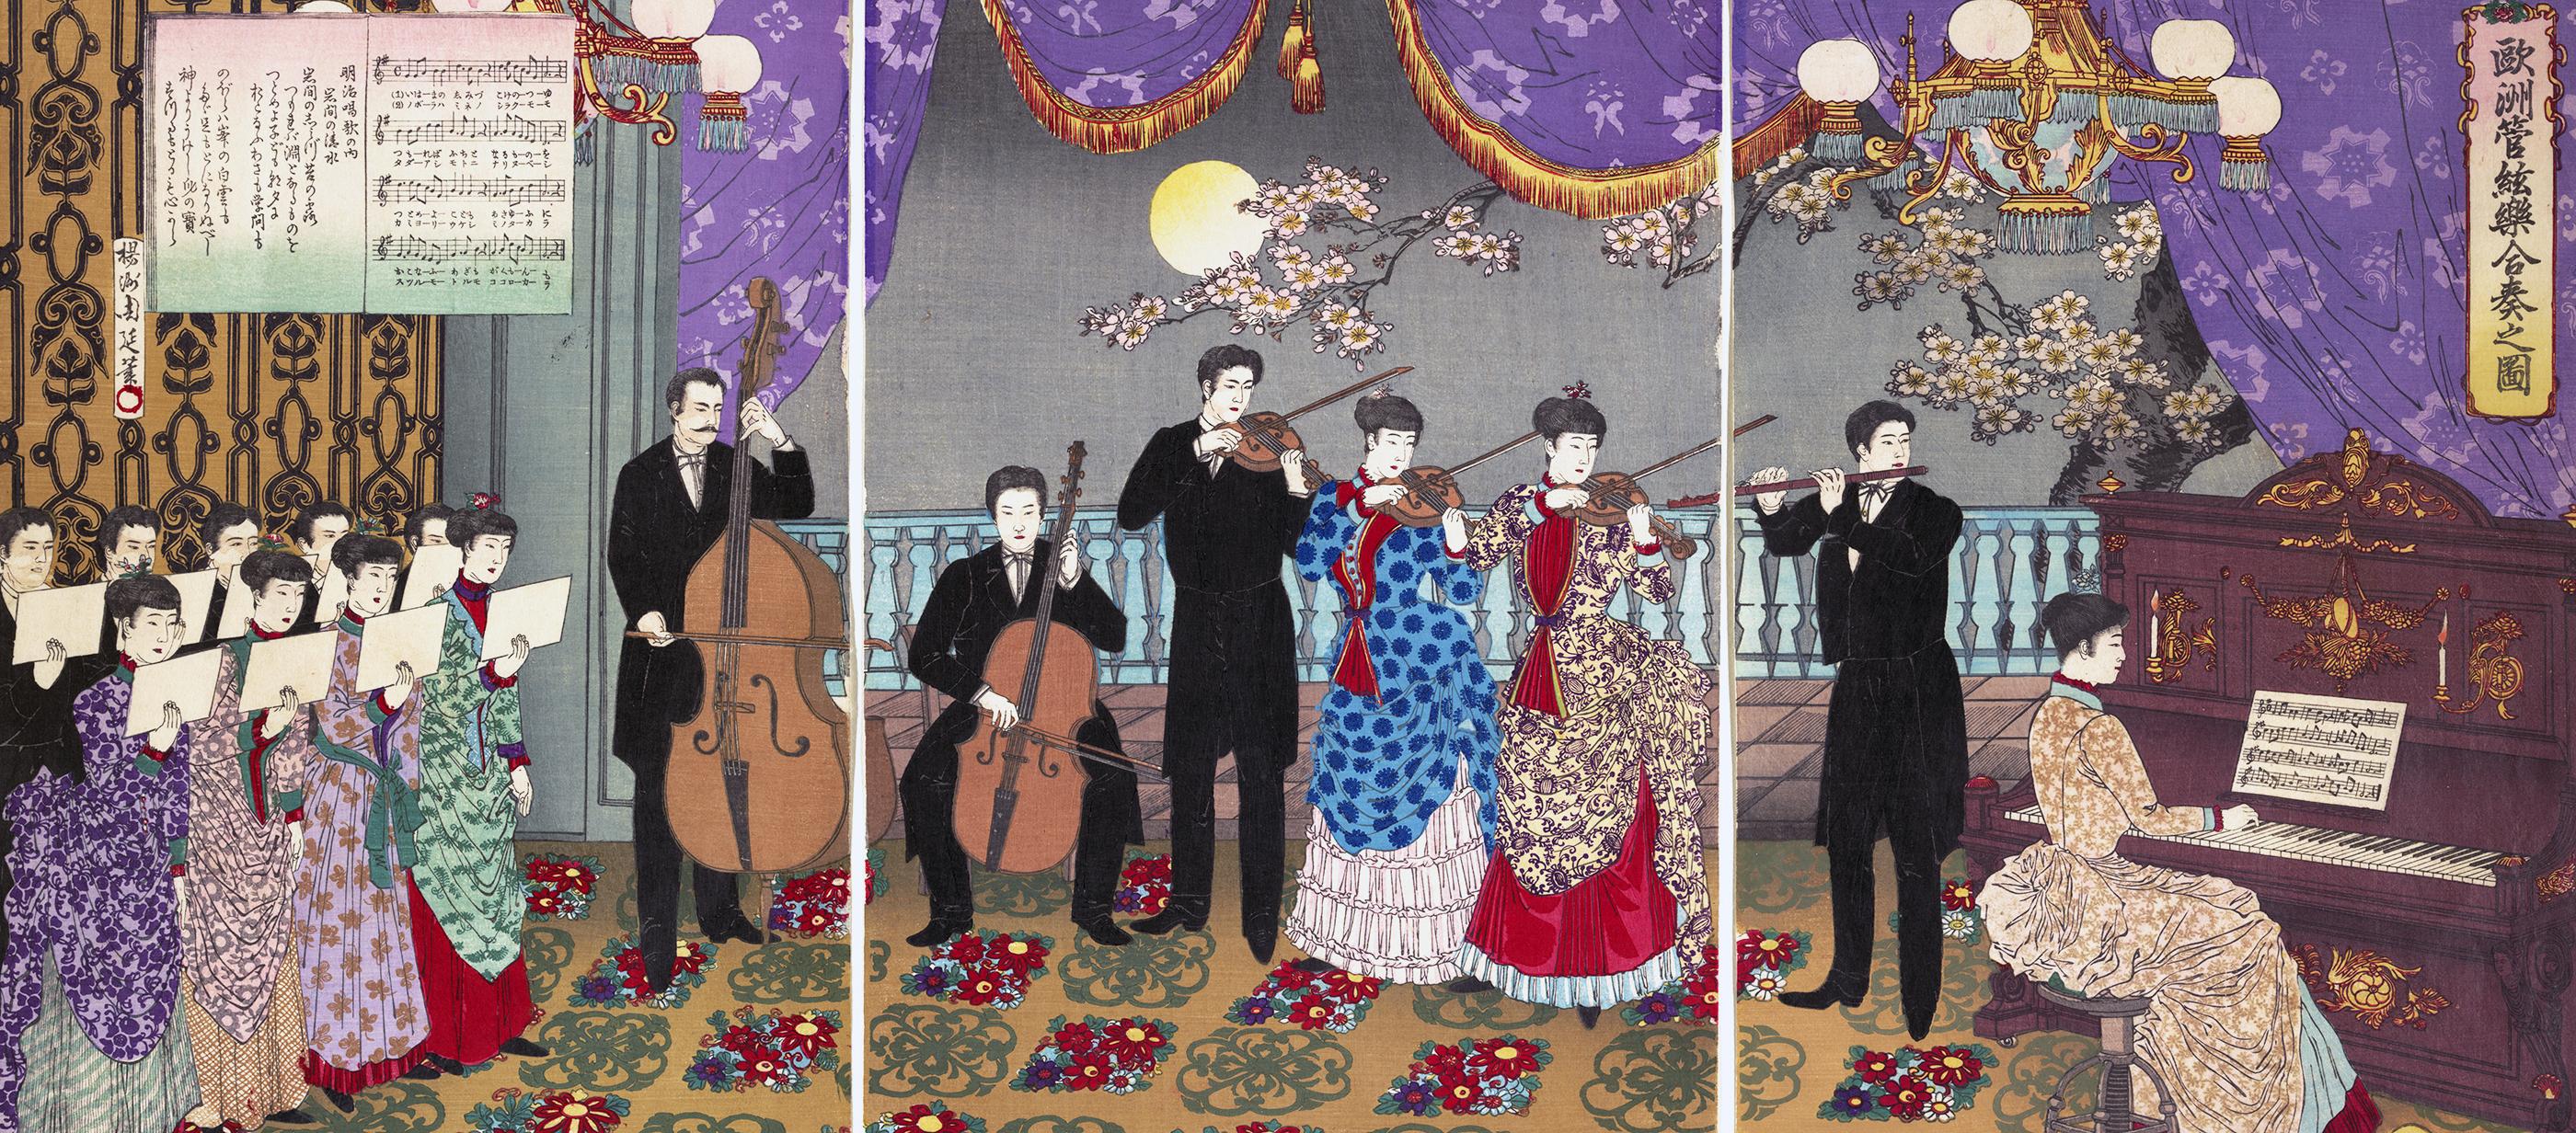 Concert of European Music, by Yoshu Chikanobu, 1889.